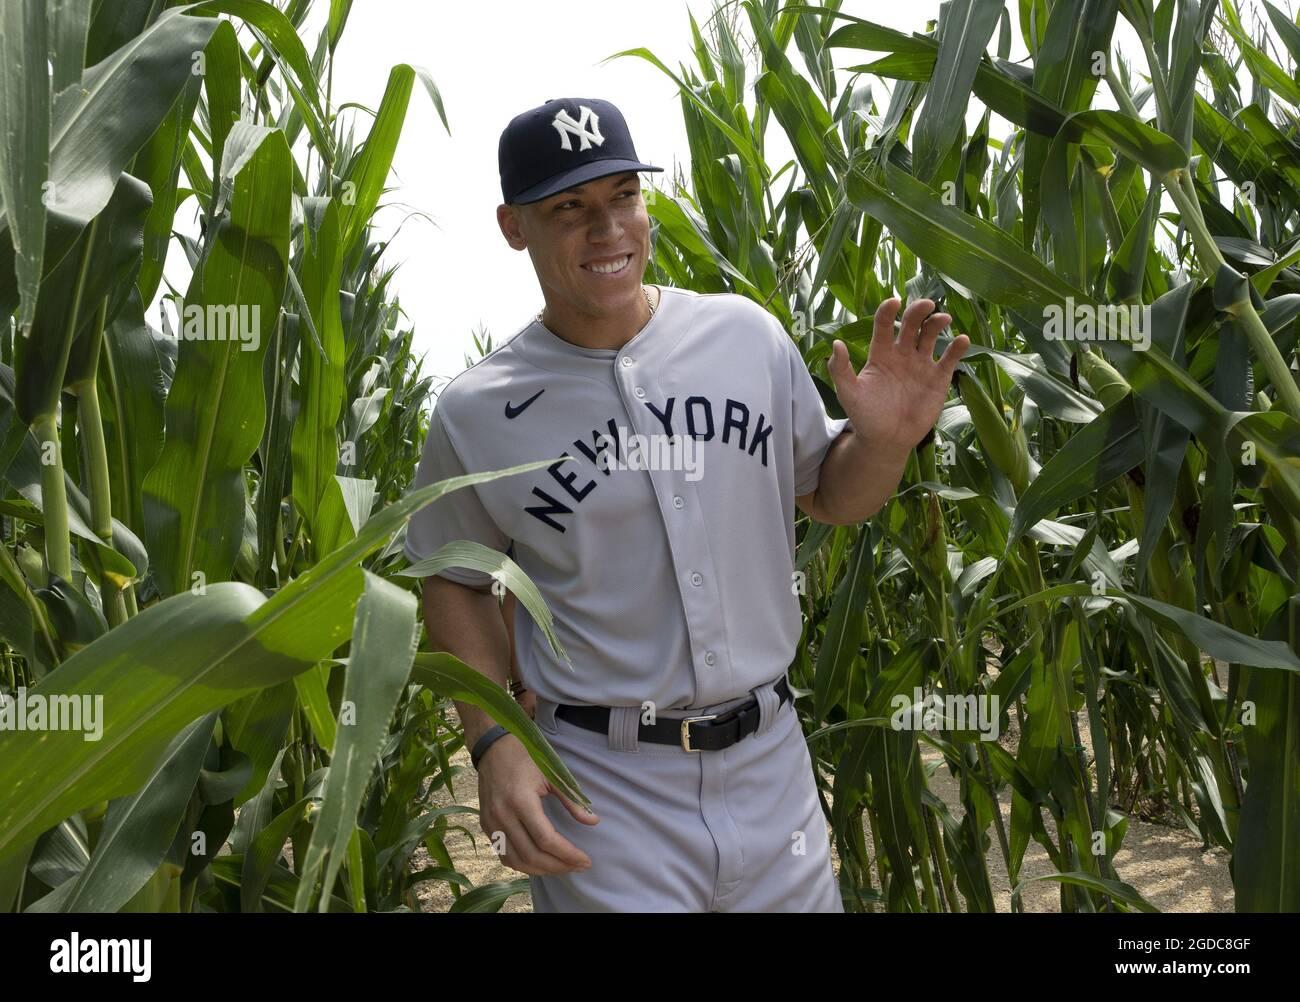 """Dyersville, Usa. August 2021. Der New Yorker Yankees-Star Aaron Judge geht vom Filmset-Ballpark 1989 des """"Field of Dreams"""" durch das Maisfeld, während er sich am Donnerstag, den 12. August 2021, in einem angrenzenden MLB Field of Dreams-Ballpark in Dyersville, Iowa, auf das Spiel vorbereitet. Die New York Yankees und Chicago White Sox werden das erste MLB-Spiel der regulären Saison in Iowa spielen. Foto von Pat Benic/UPI Credit: UPI/Alamy Live News Stockfoto"""